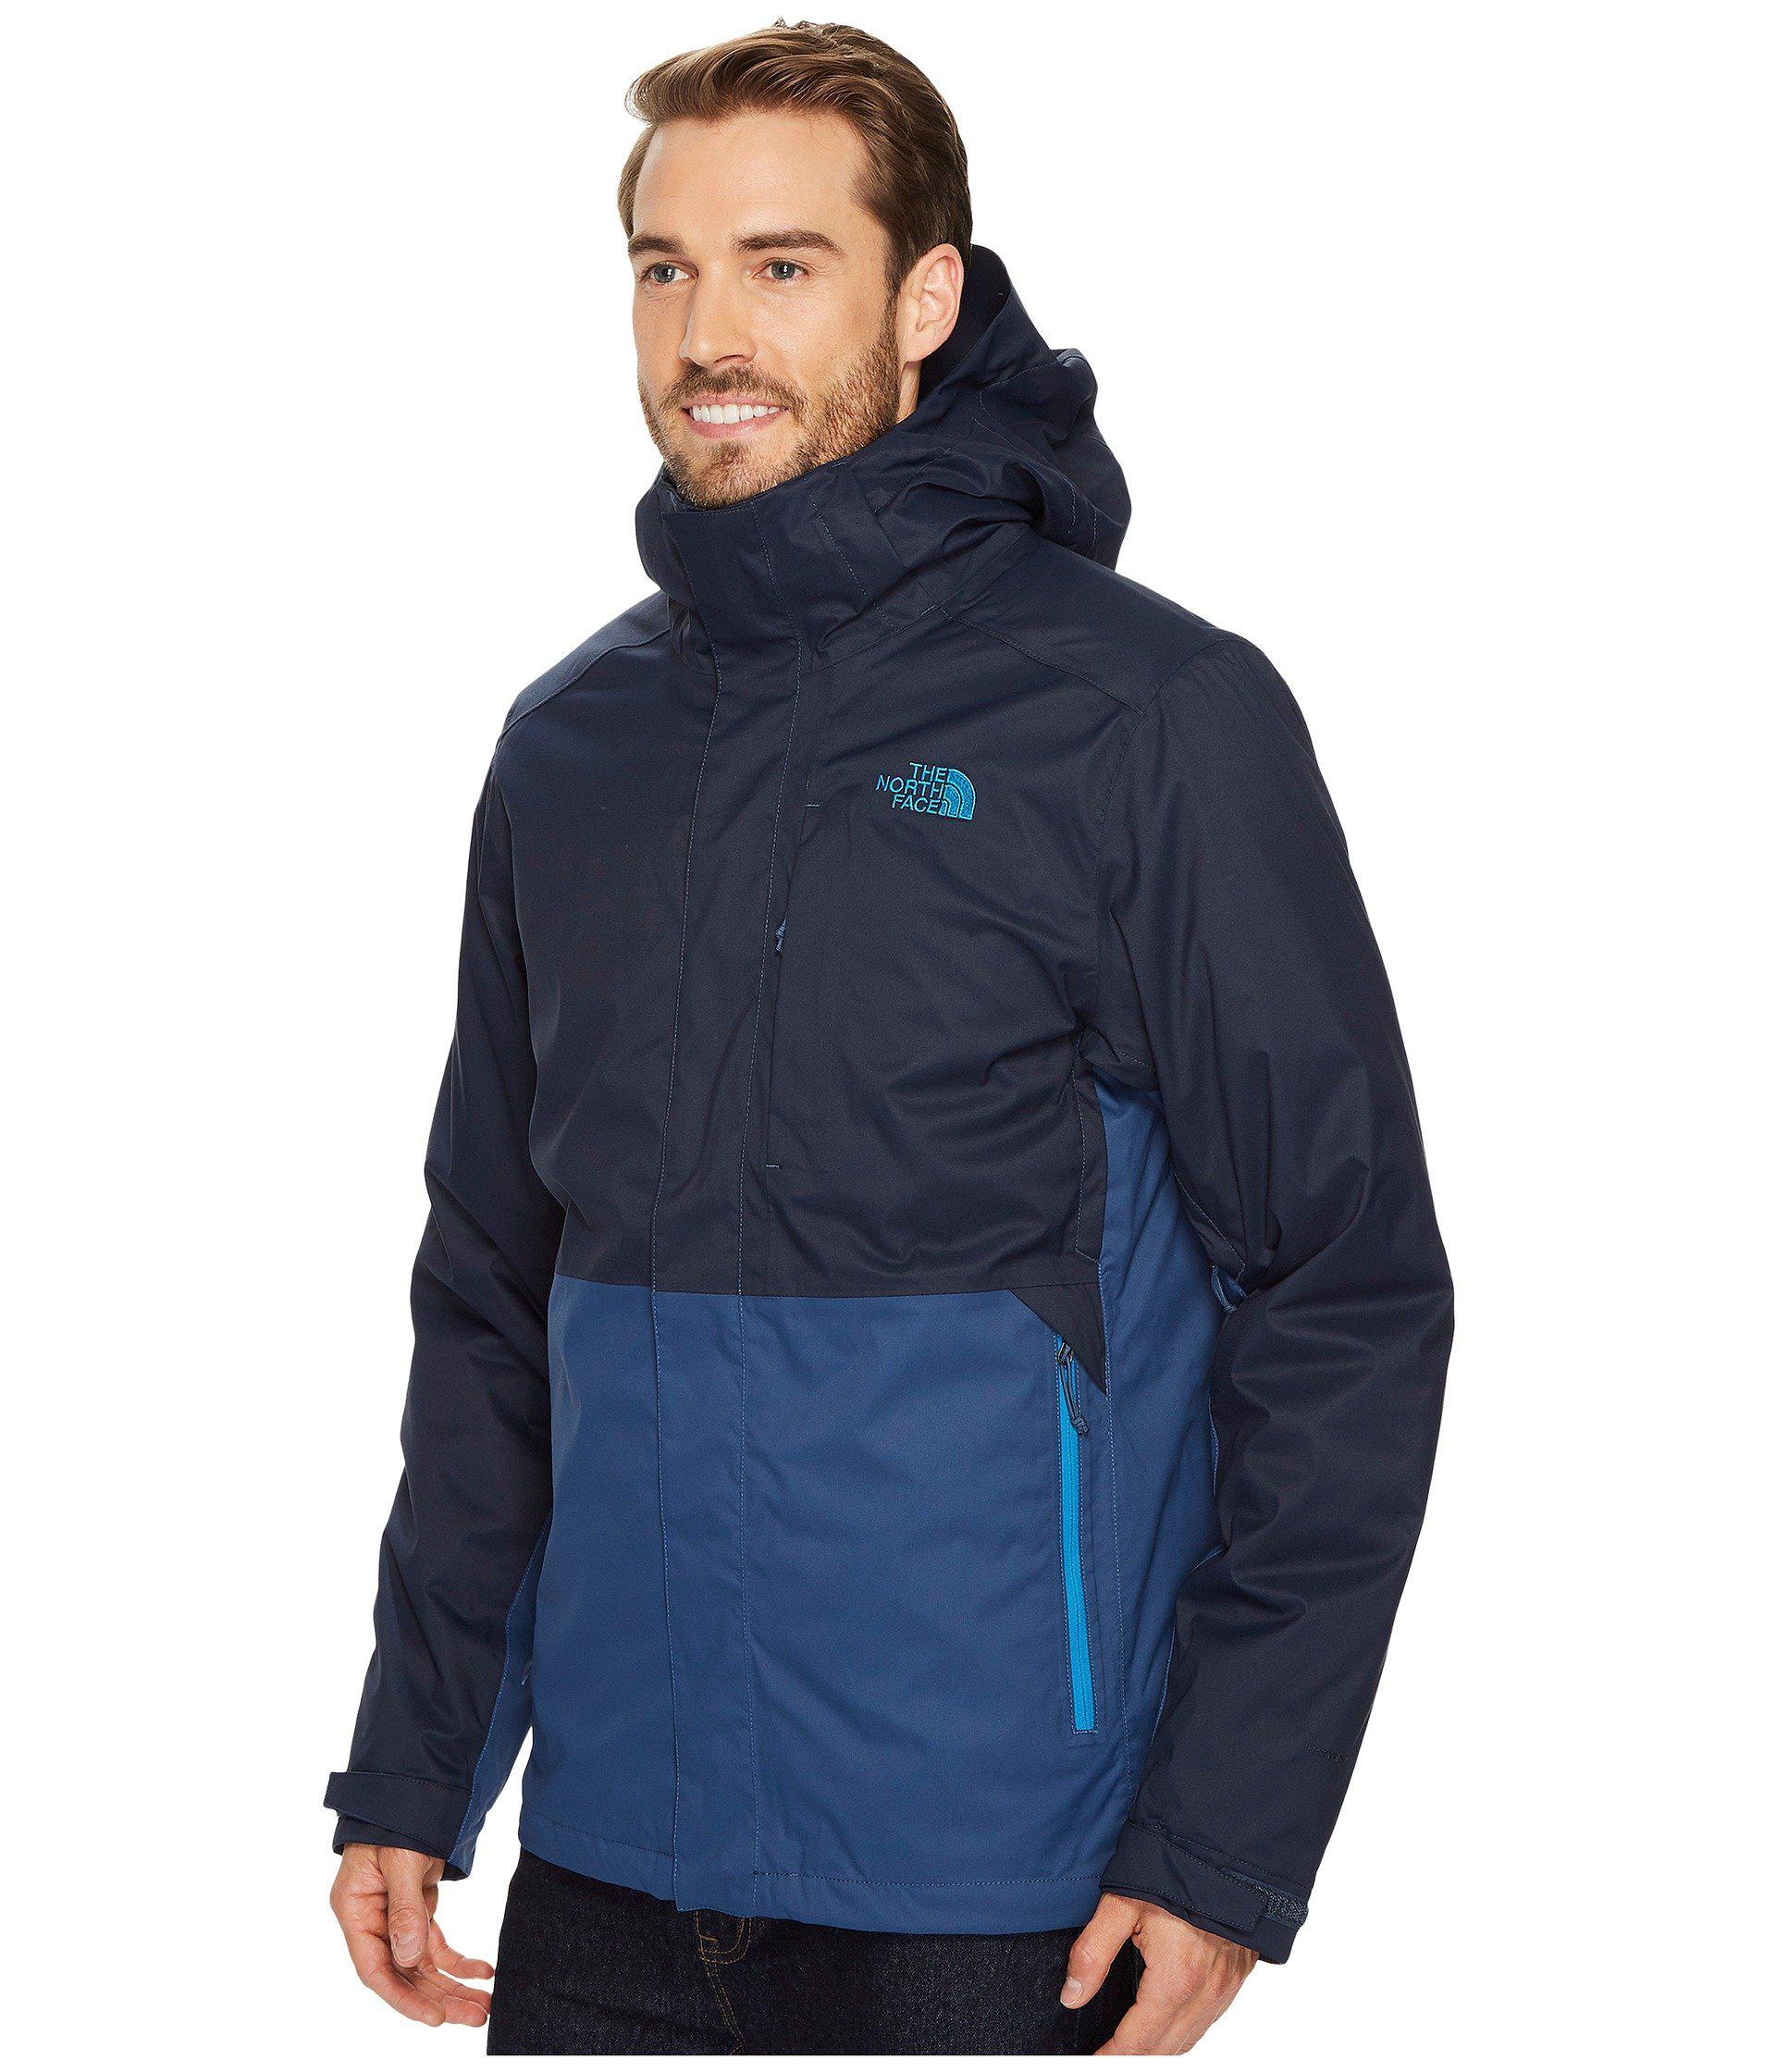 6dc5750f0 Men's Blue Altier Down Triclimate Jacket